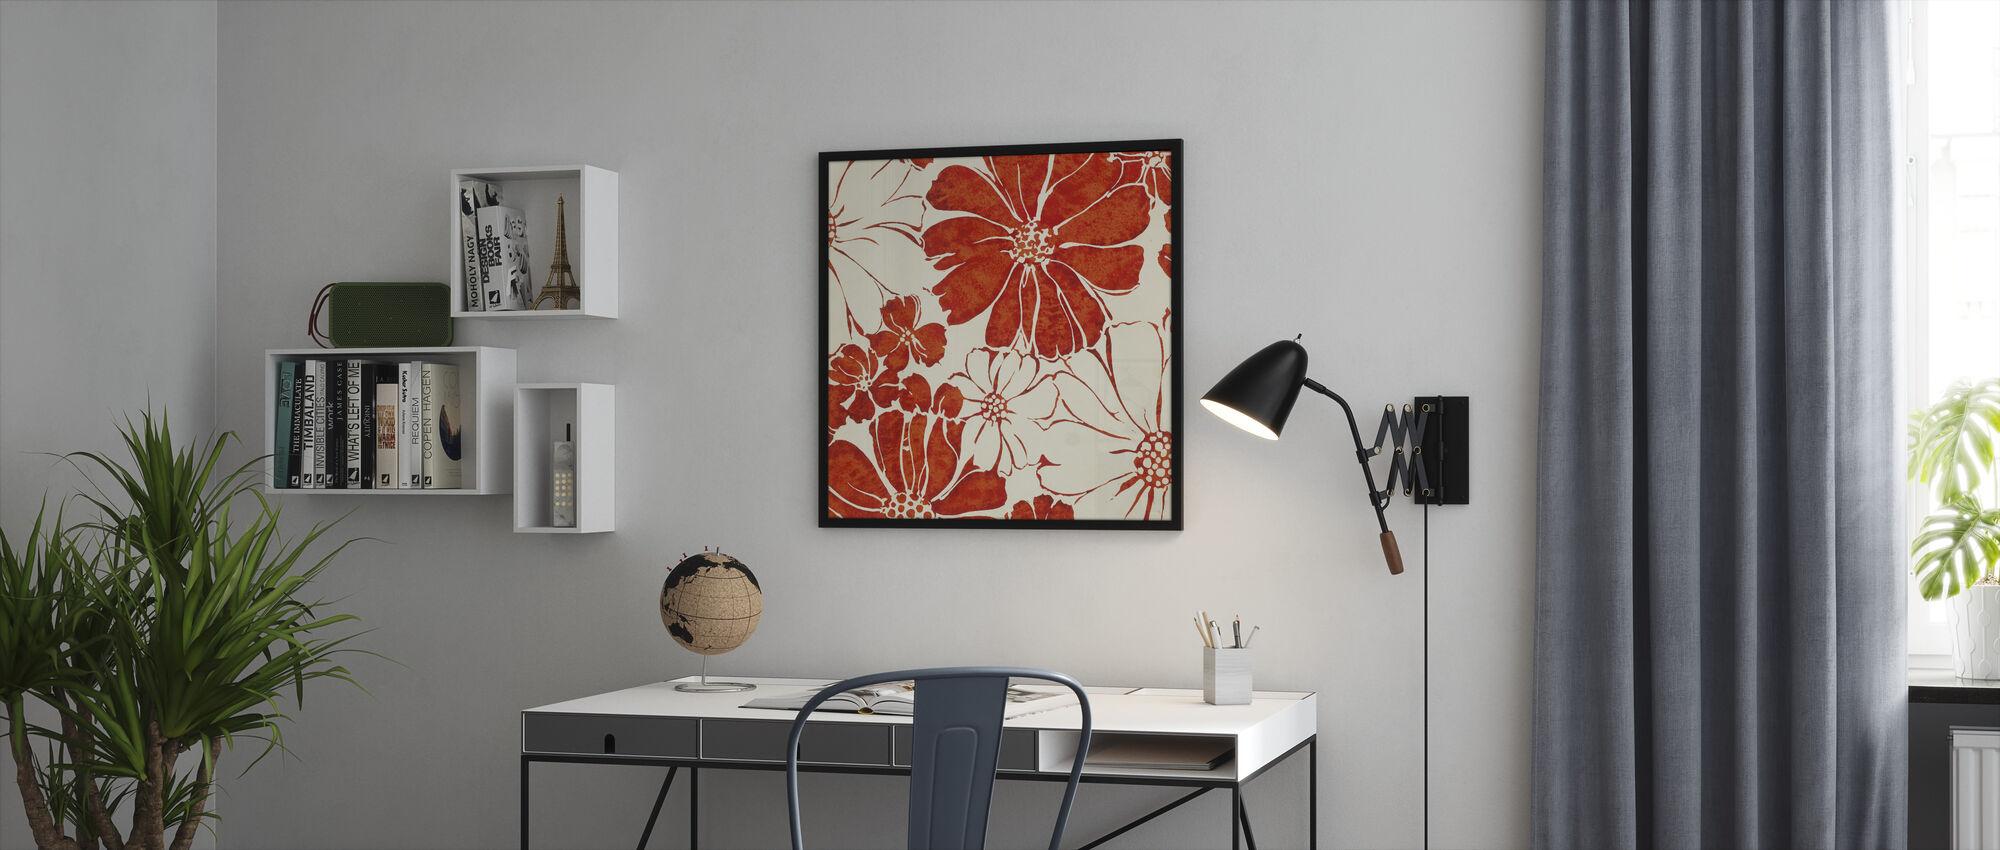 Kesä Päivänkakkarat Punainen - Kehystetty kuva - Toimisto